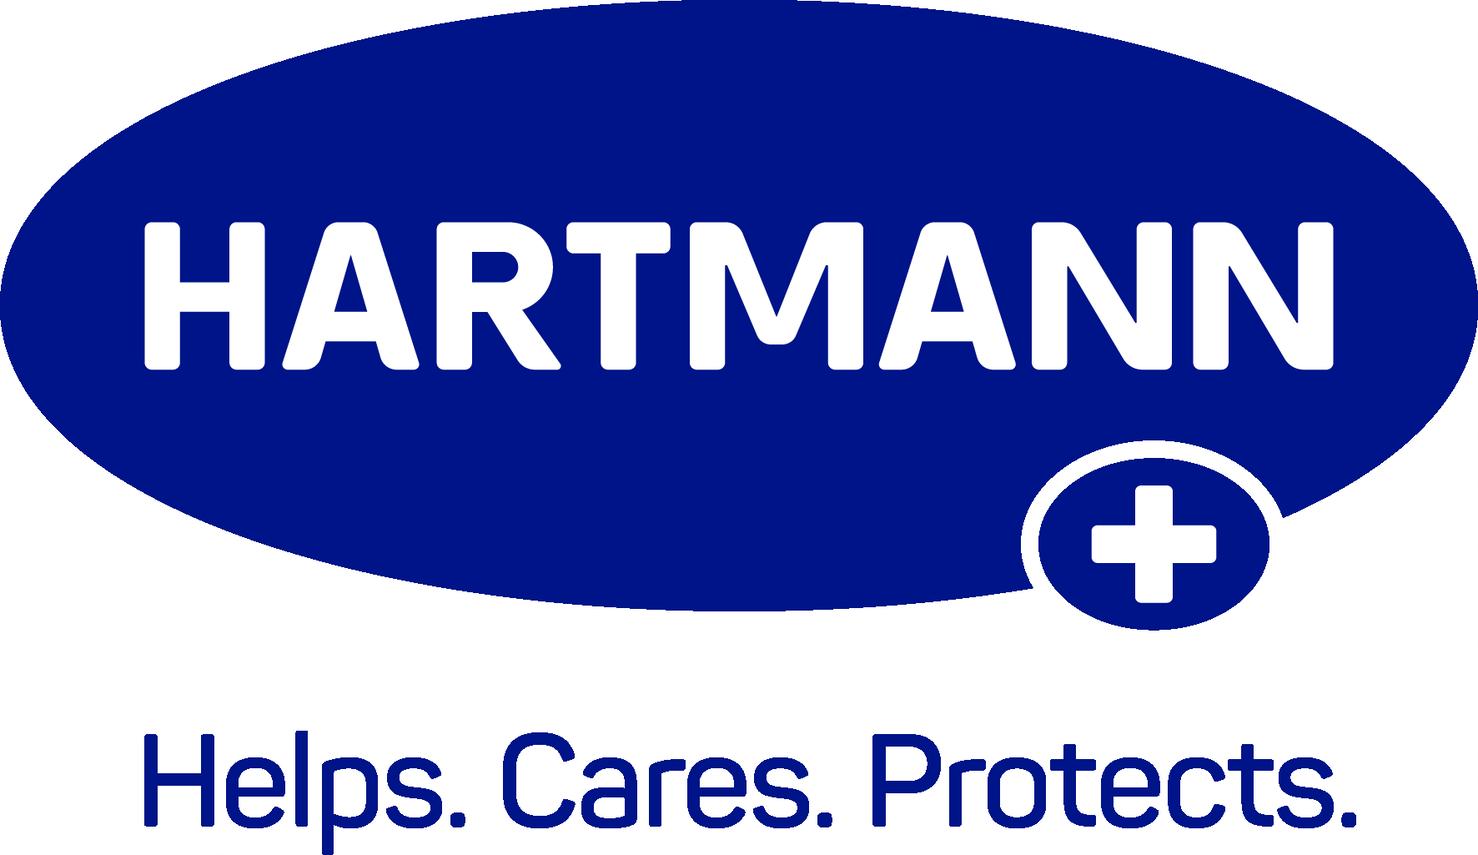 HARTMANN UK & Ireland